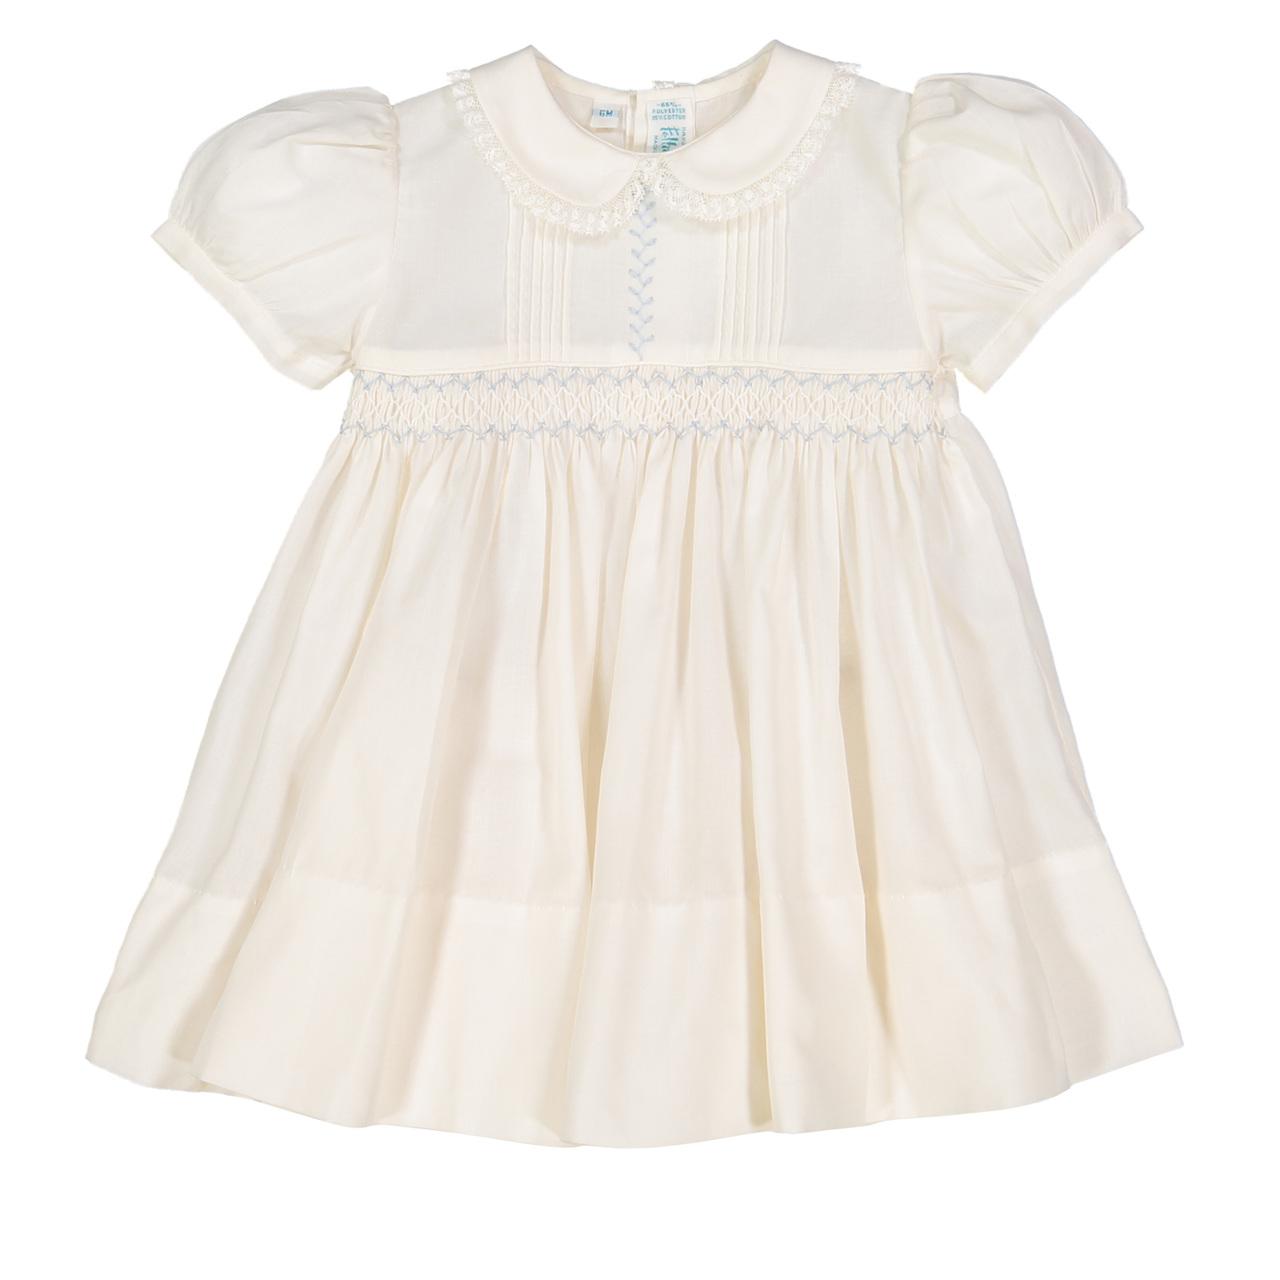 c7ef2237d811a Vintage Smocked Dress I Feltman Brothers